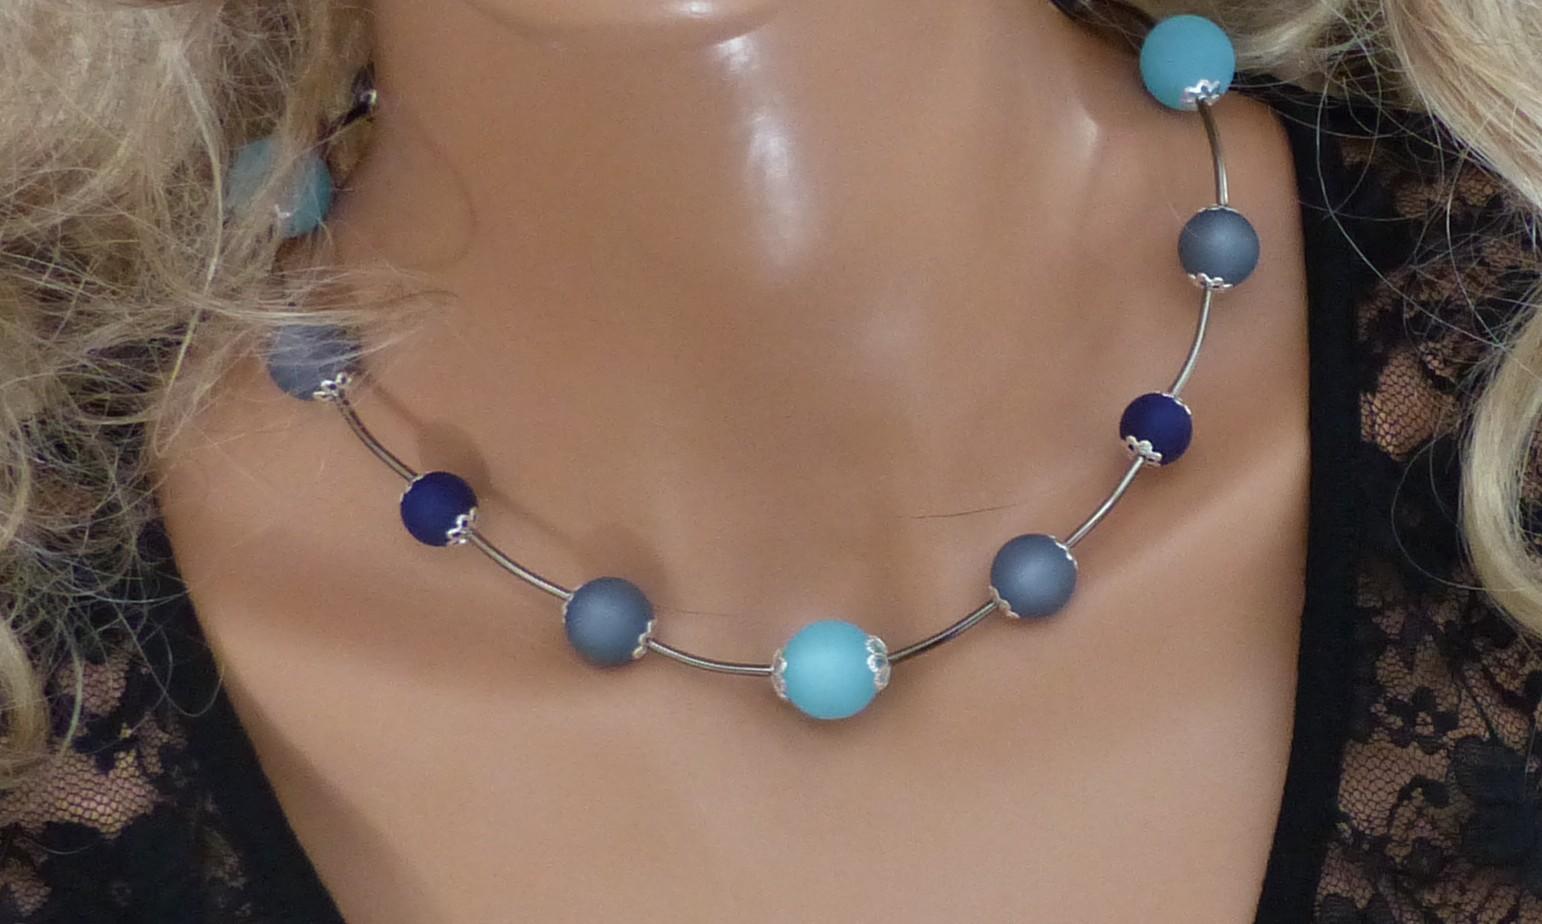 Collier bleu, collier perles polaris bleu